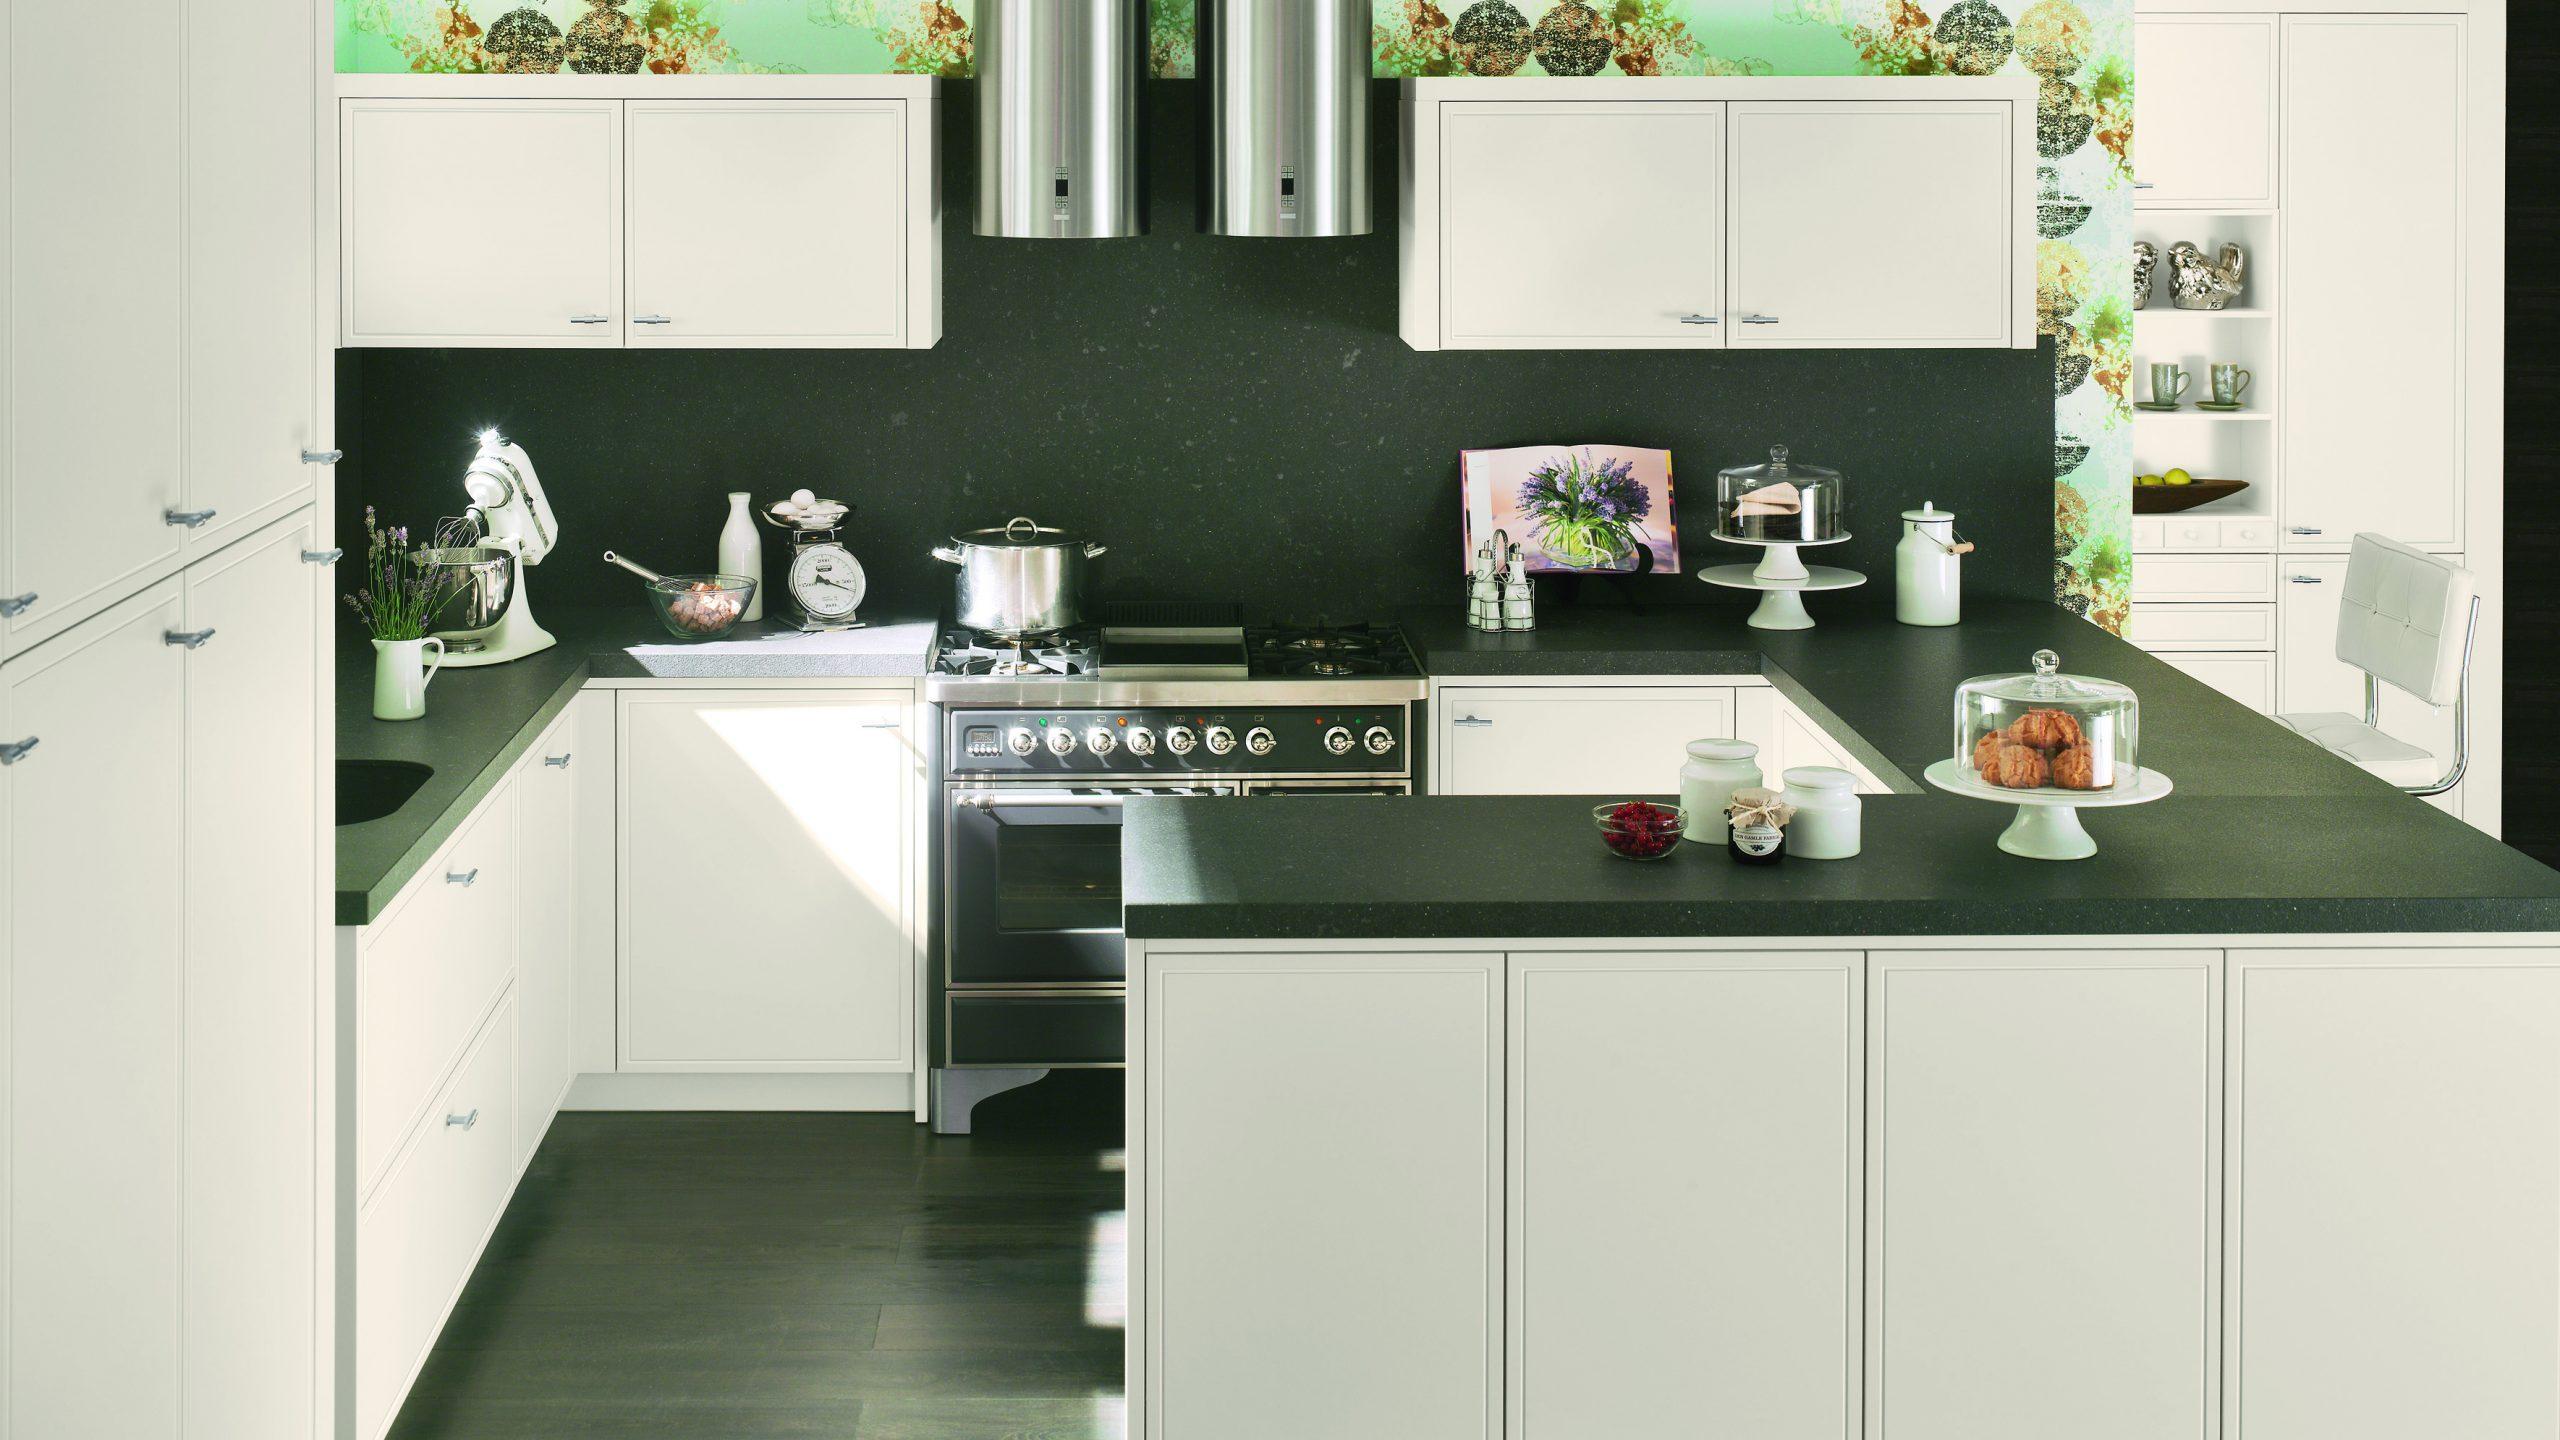 Full Size of Küche Mit Elektrogeräten Bis 1000 Euro Küche Mit Elektrogeräten Ikea Küche Mit Elektrogeräten Finanzierung Küche Mit Elektrogeräten Ebay Küche Eckküche Mit Elektrogeräten